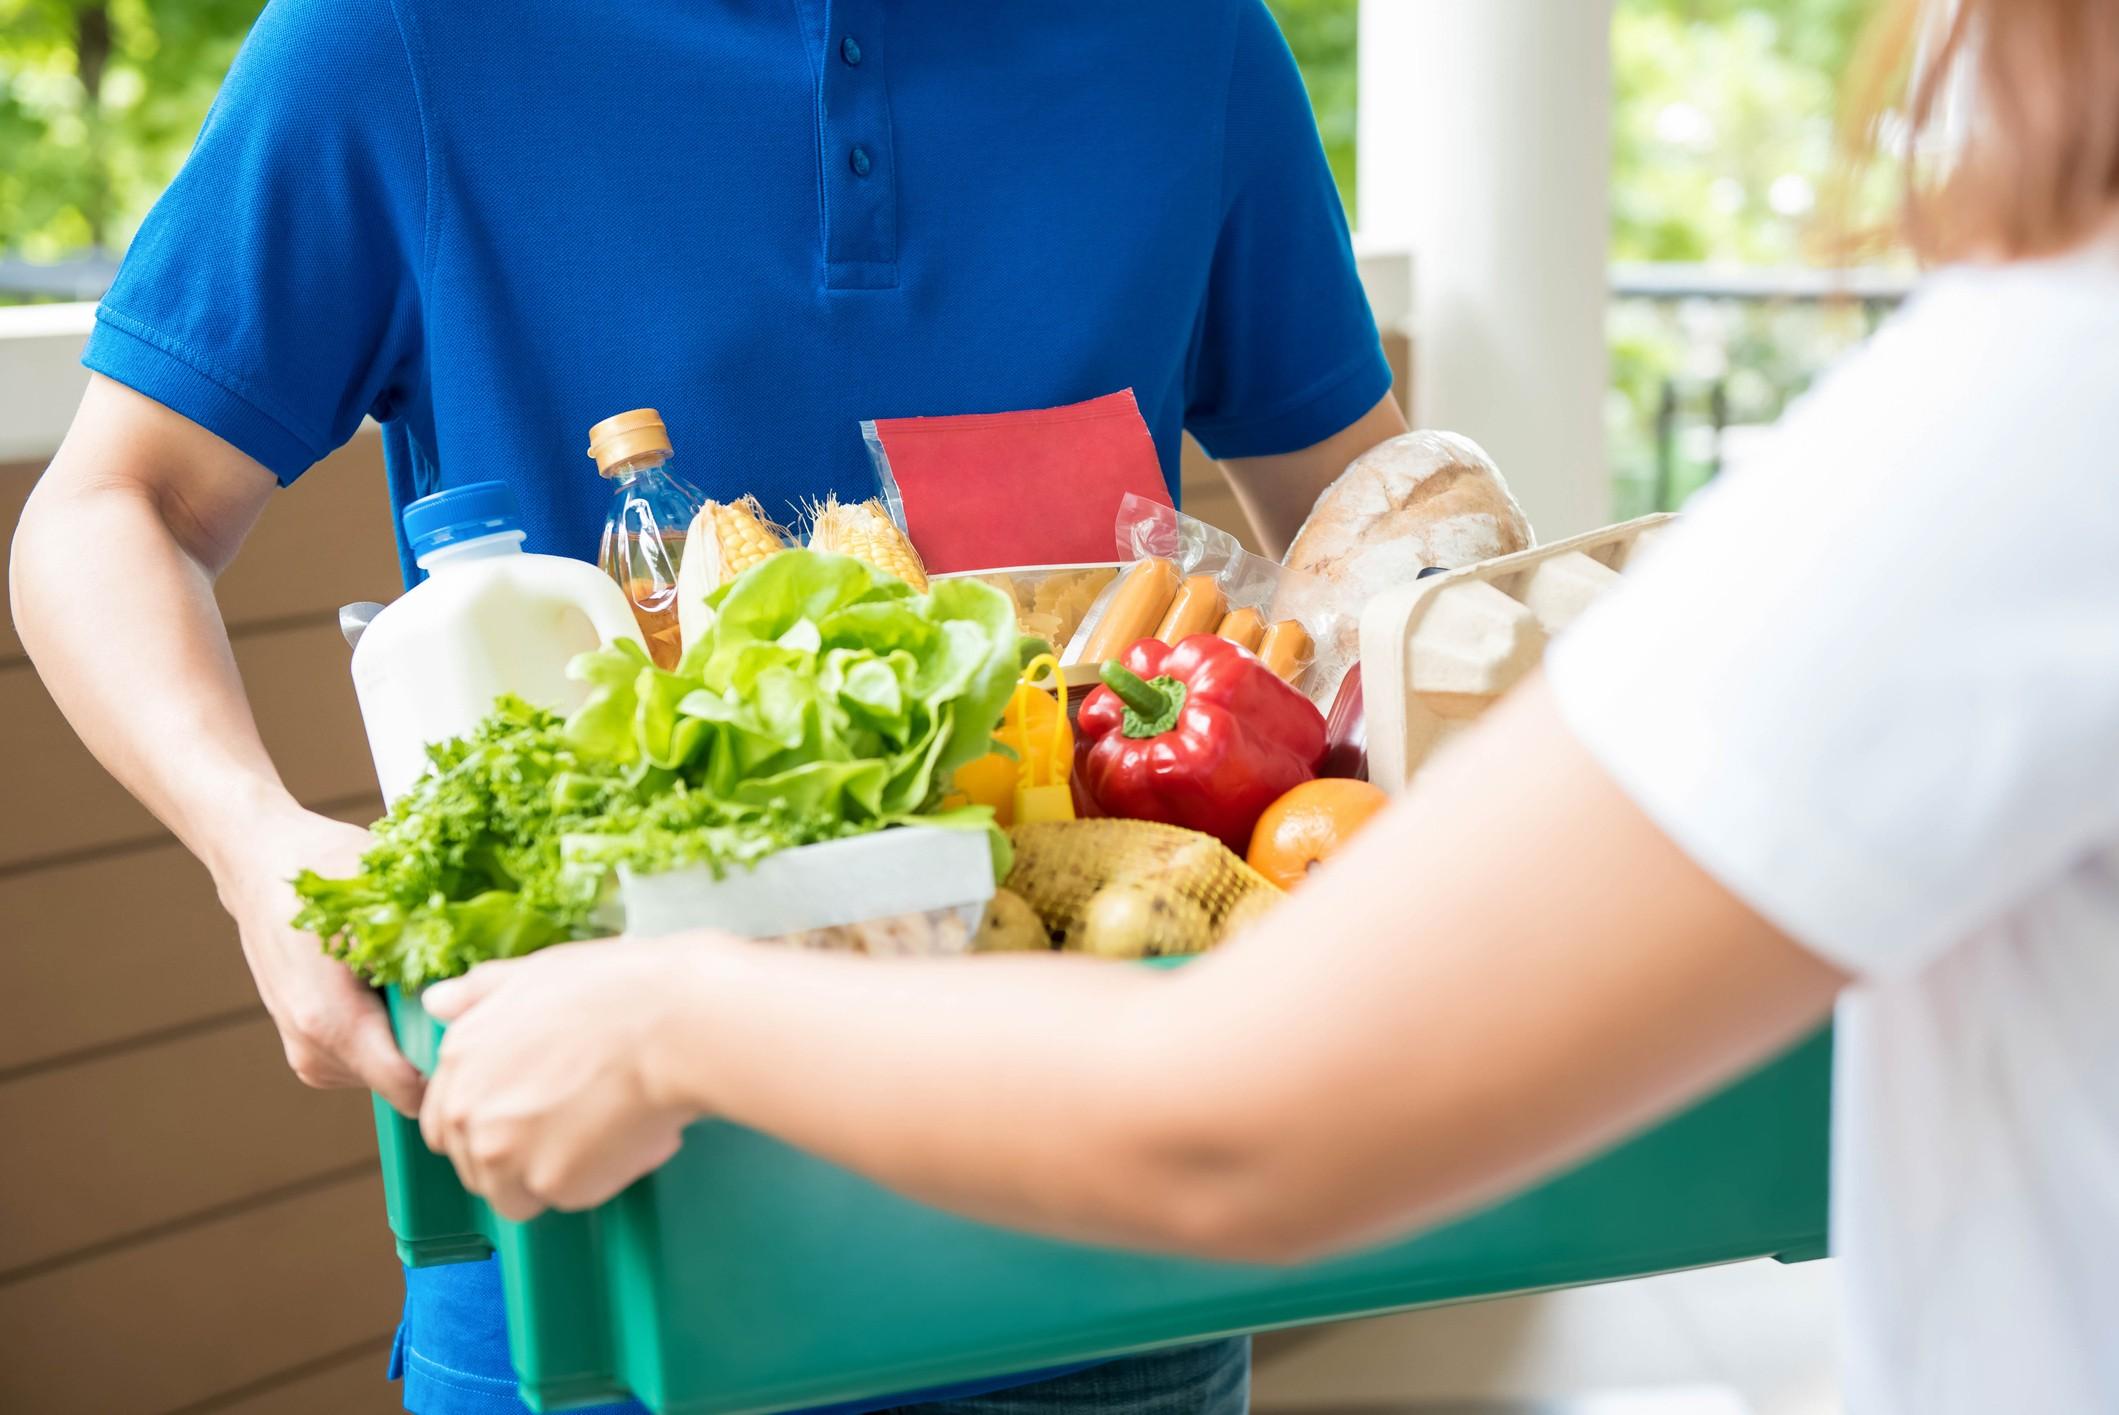 consegna alimenti a domicilio in Russia vendita online